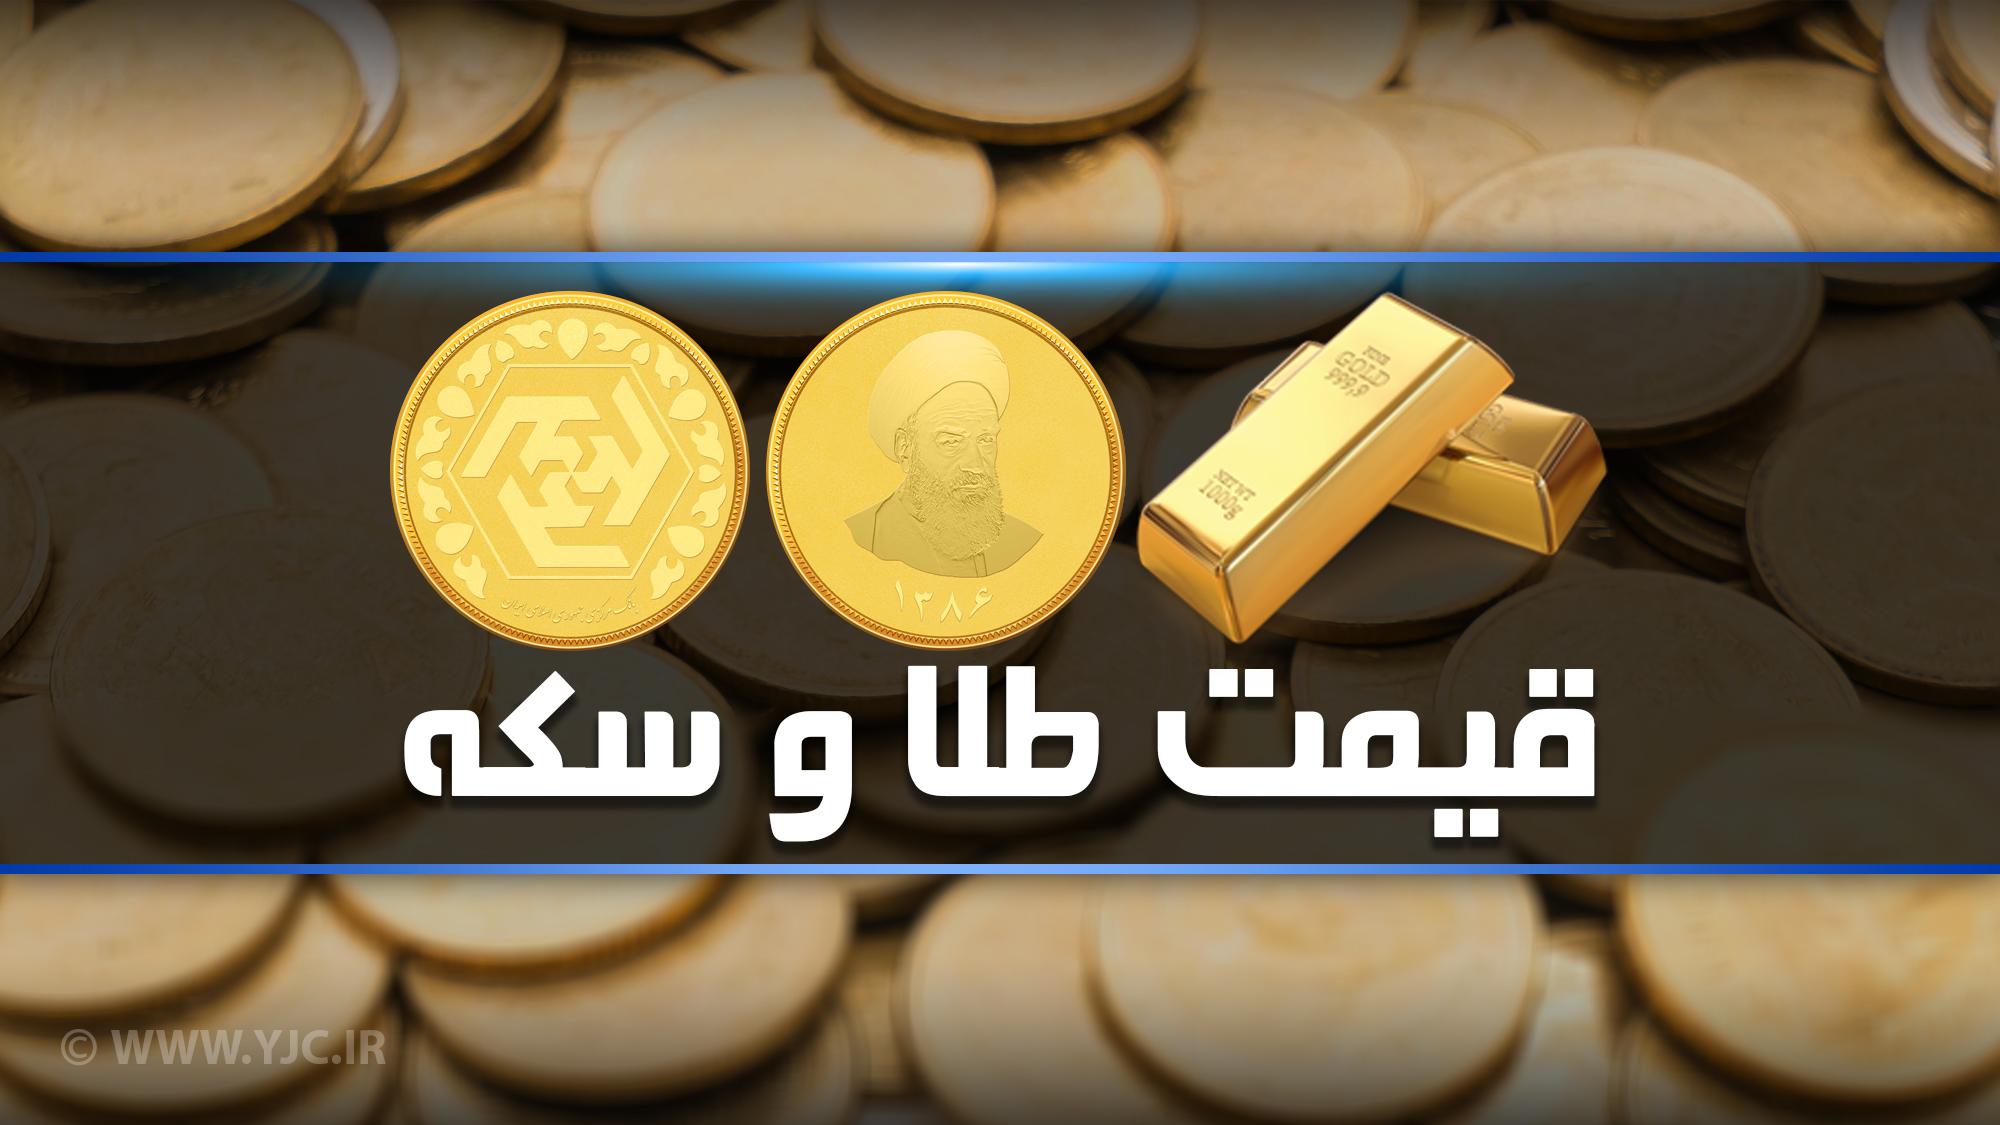 نرخ سکه و طلا در ۱۶ آذر / فیمت هر گرم طلای ۱۸ عیار به ۴۵۲ هزار تومان رسید + جدول